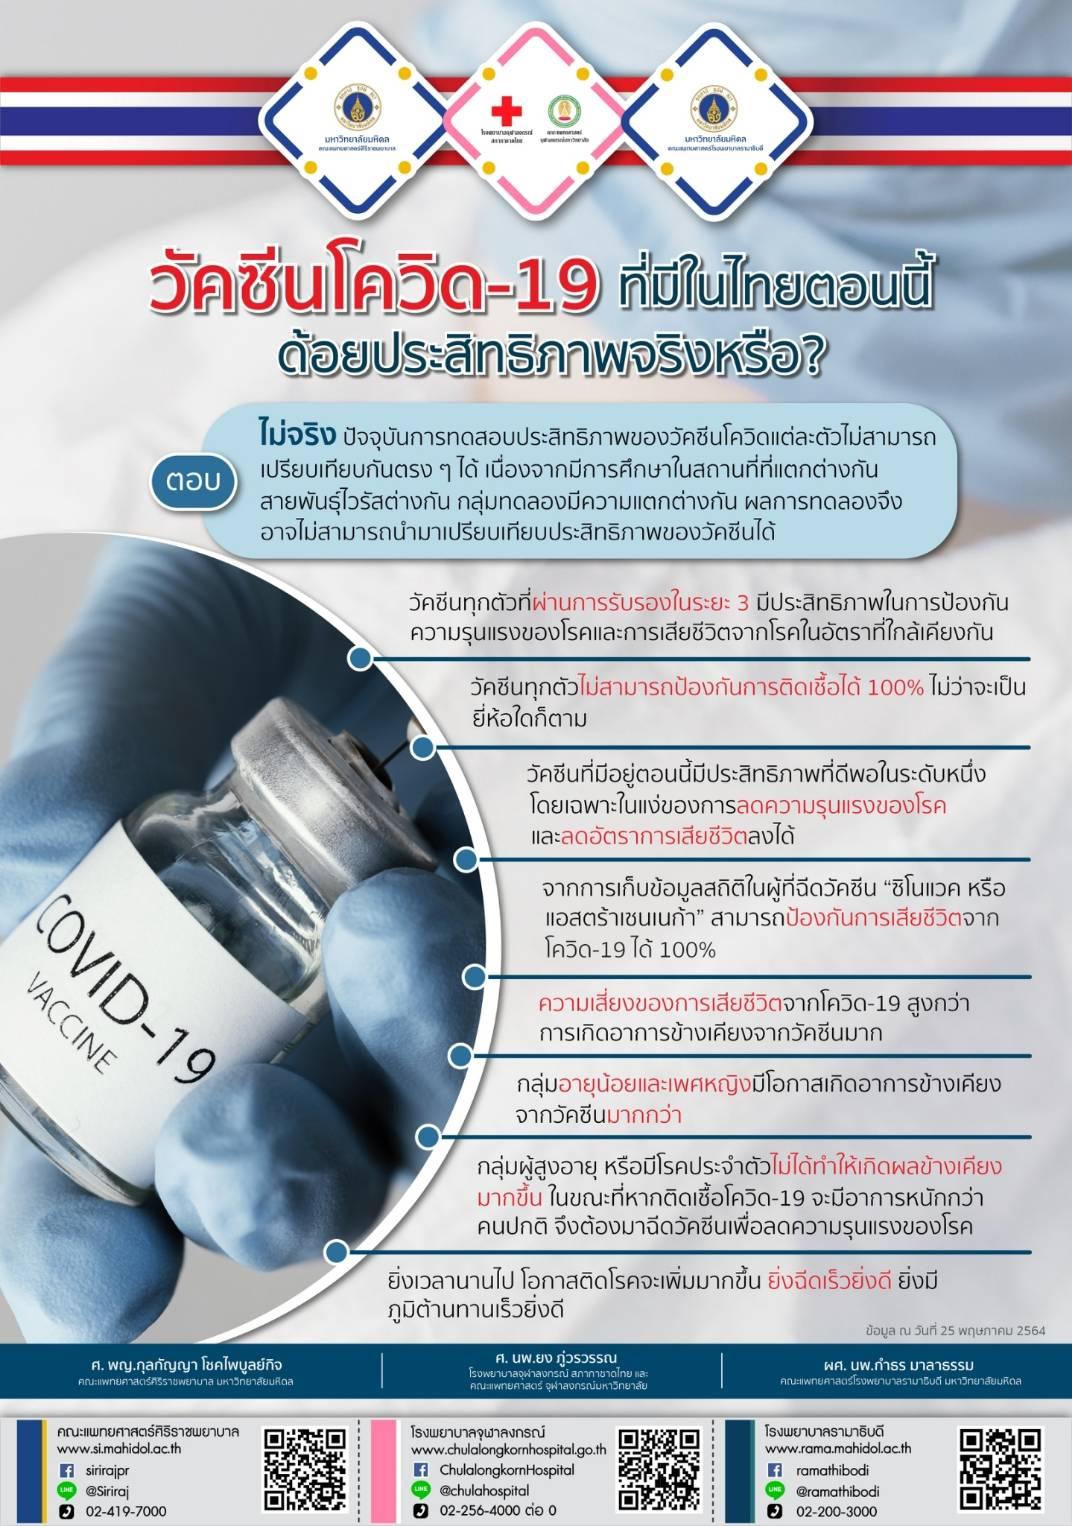 วัคซีนโควิด-19 ที่มีในไทยตอนนี้ด้อยประสิทธิภาพจริงหรือ?